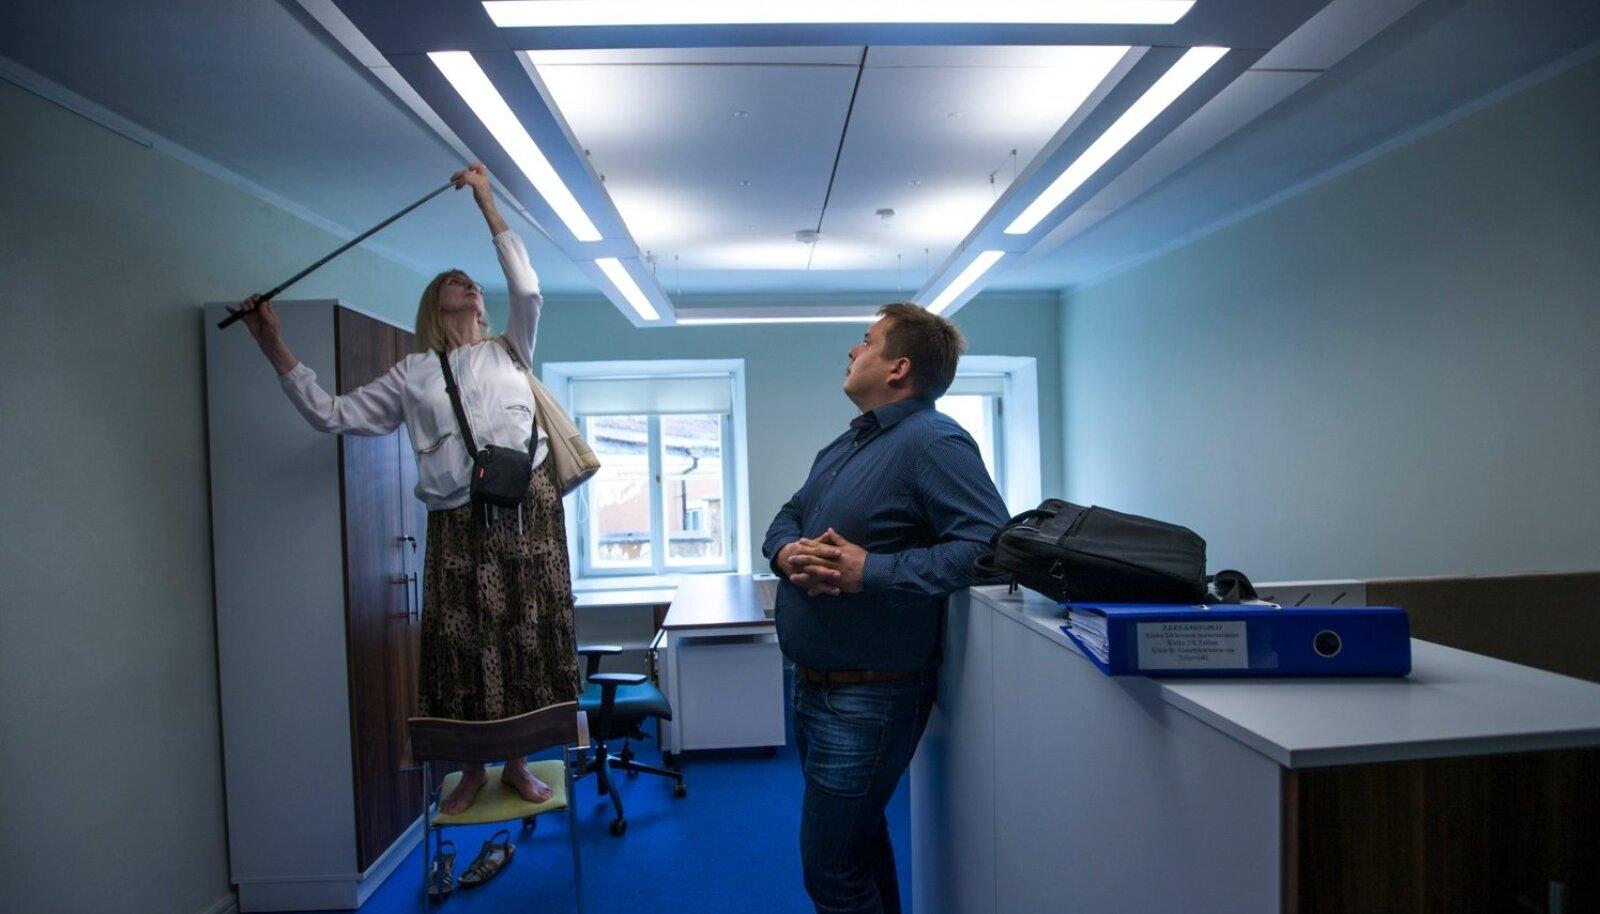 Riigikontrolli uus hoone Toompeal. Valgustust hindavad ekspert Tiiu Tamm ja RKAS-i projektijuht Mihkel Mäger.